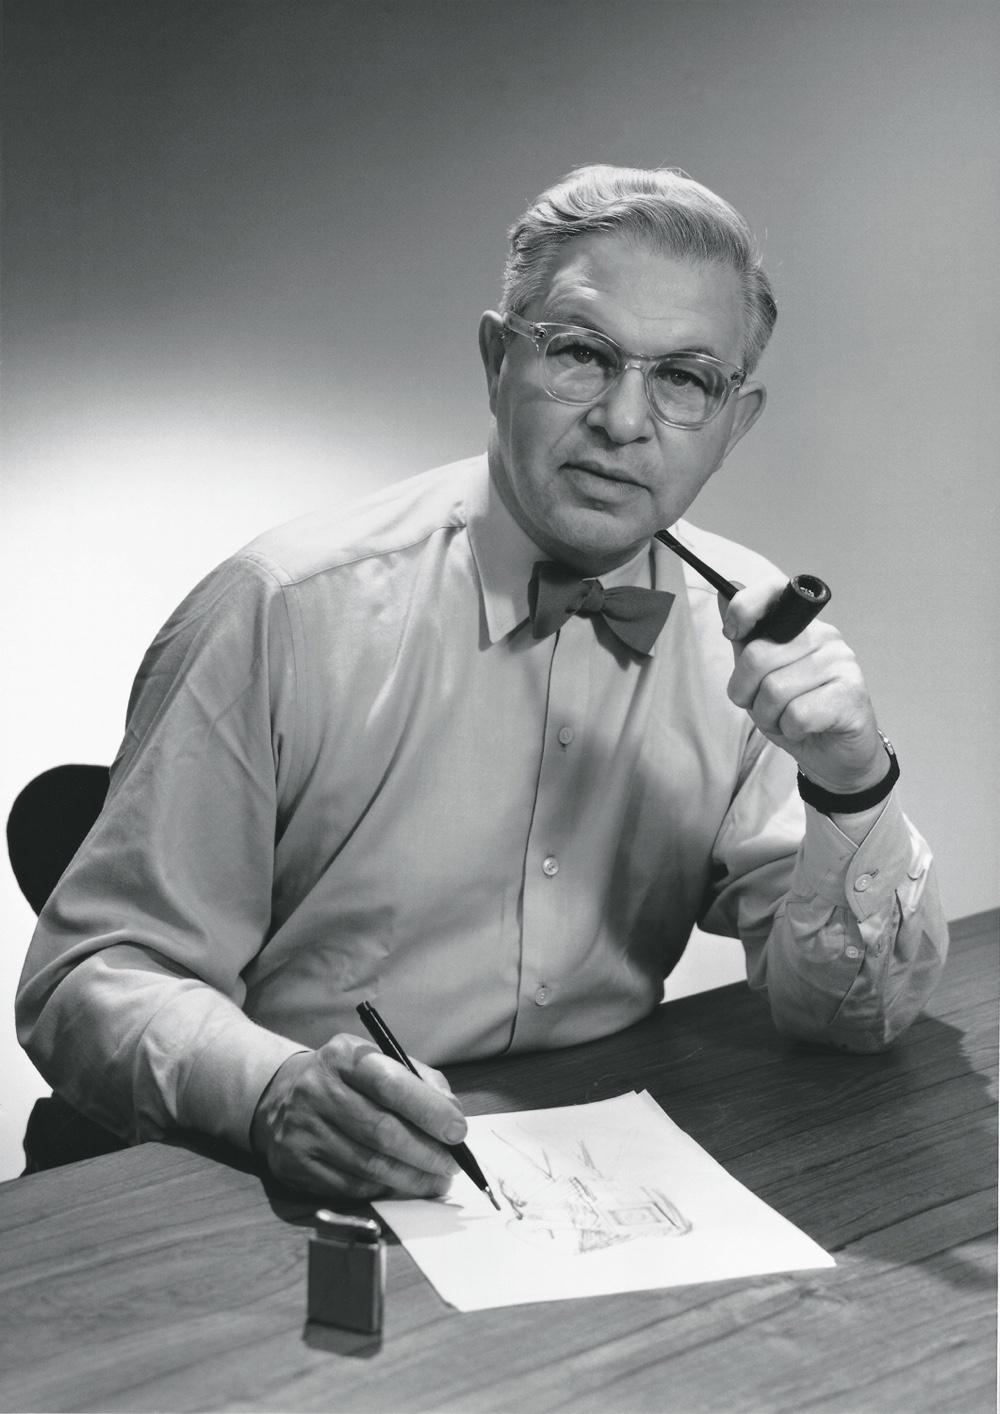 Designer: Arne Jacobsen